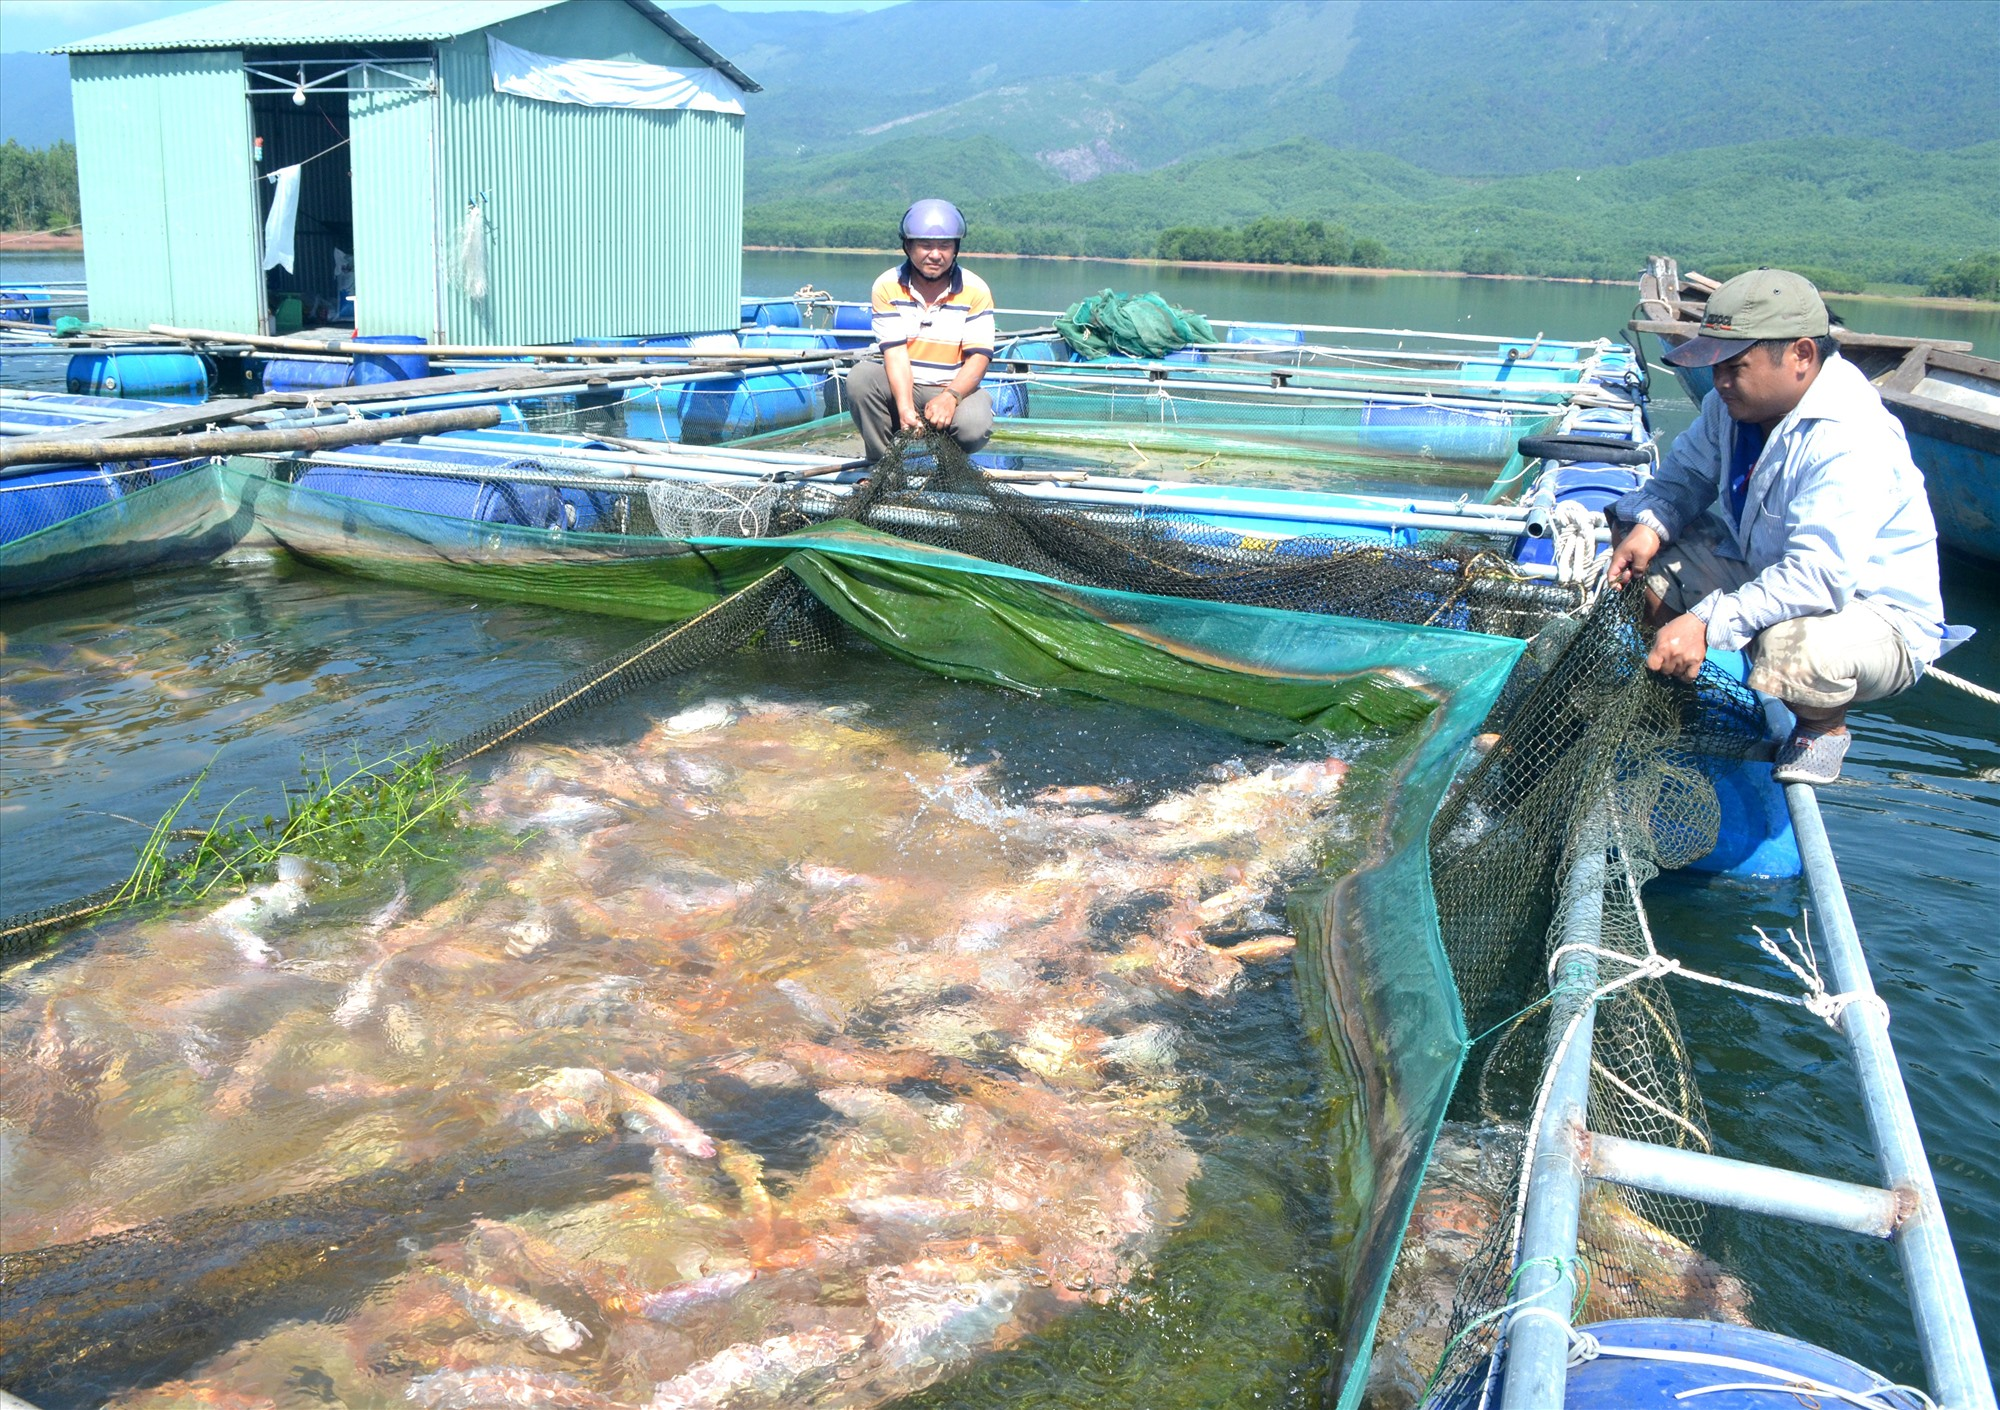 Biến đổi khí hậu khiến cho nuôi cá nước ngọt gặp nhiều khó khăn. Ảnh: V.N